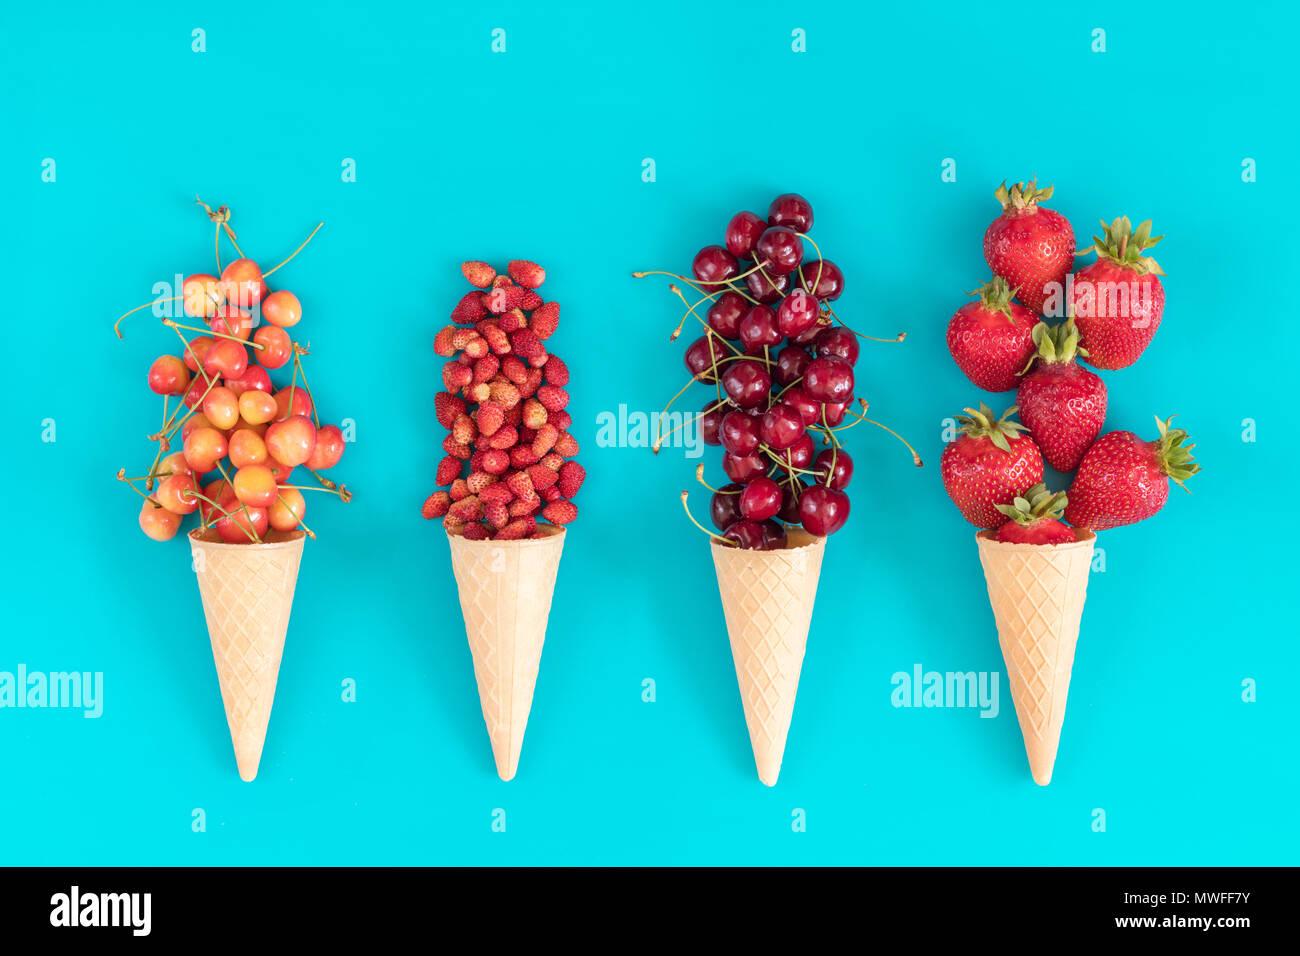 Cuatro conos waffle con cerezas rojas, fresas, cerezas amarillas y strawberryes sobre azul de la superficie. Sentar planas, vista superior alimentos dulces de fondo. Imagen De Stock